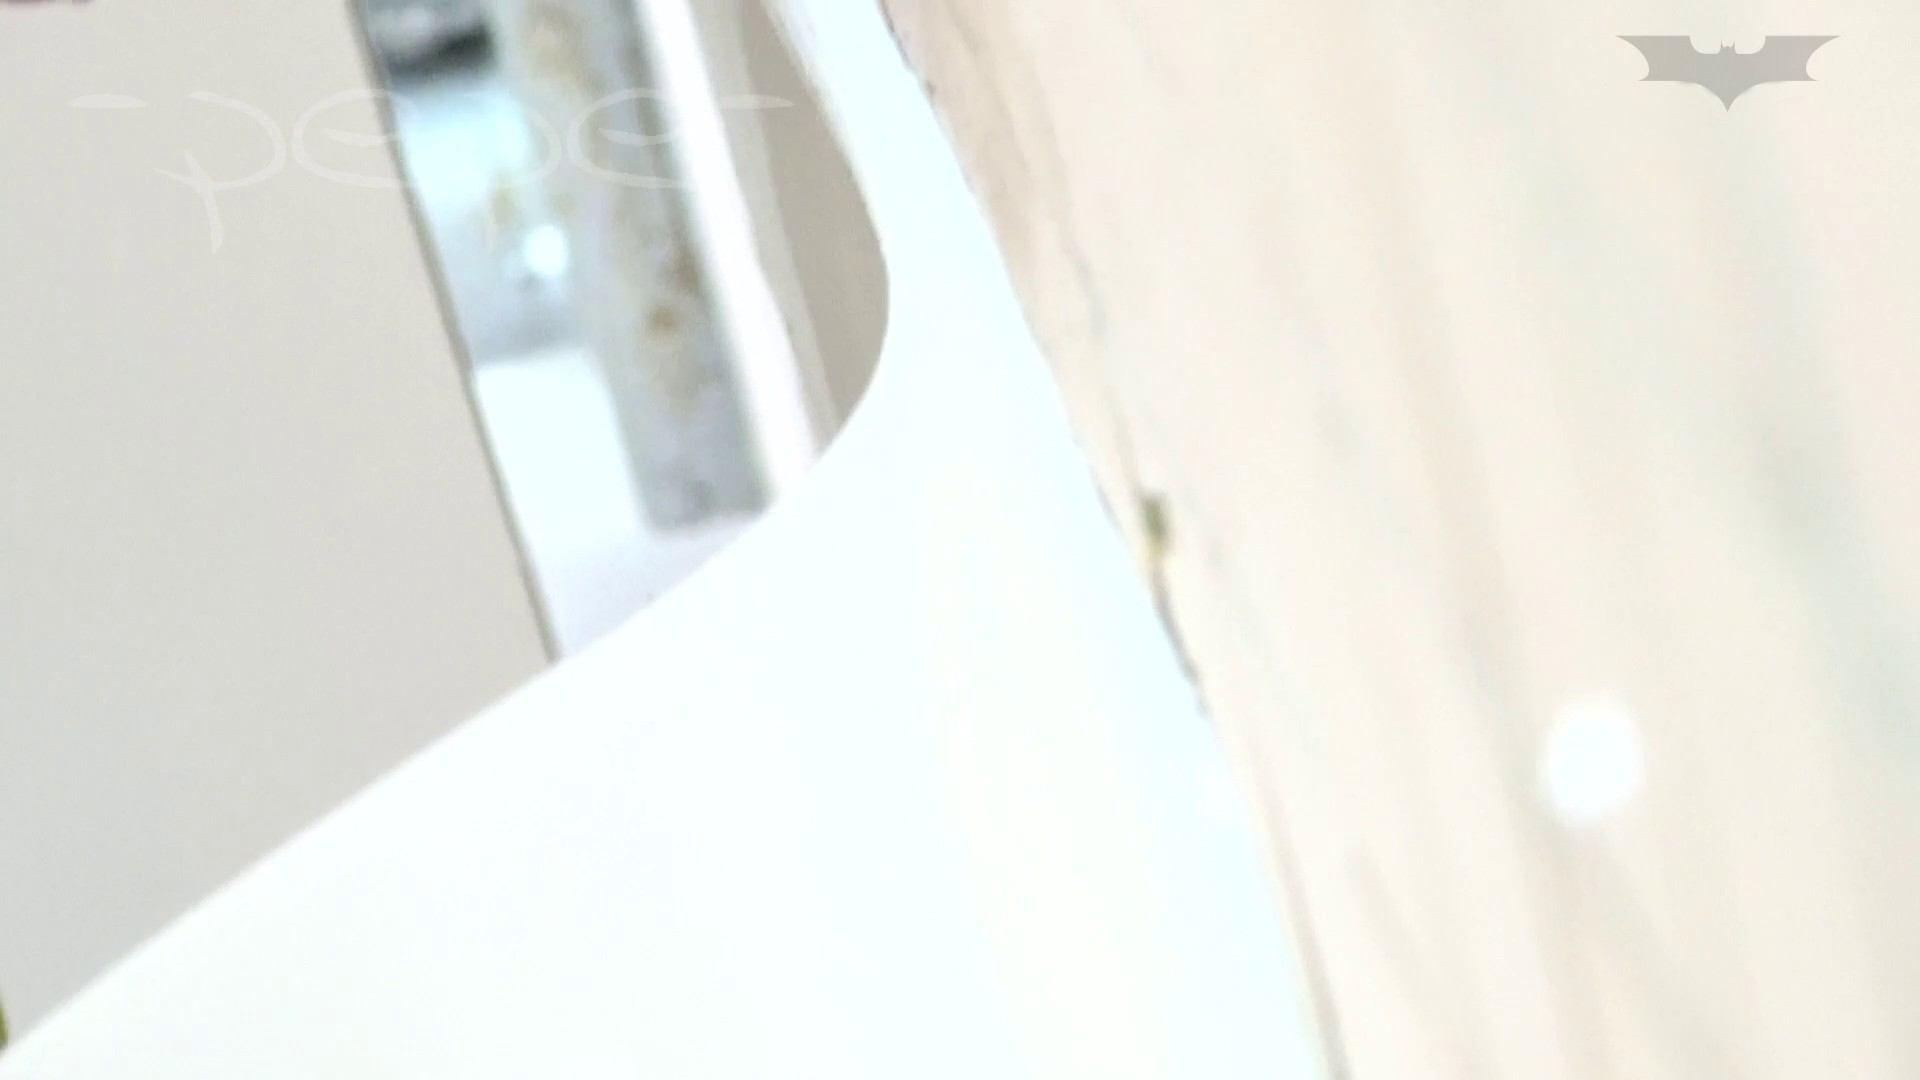 超美女ツル!うんこ見所満載! 期間限定神キタ!ツルピカの放nyo!Vol.12 丸見え AV動画キャプチャ 112画像 94